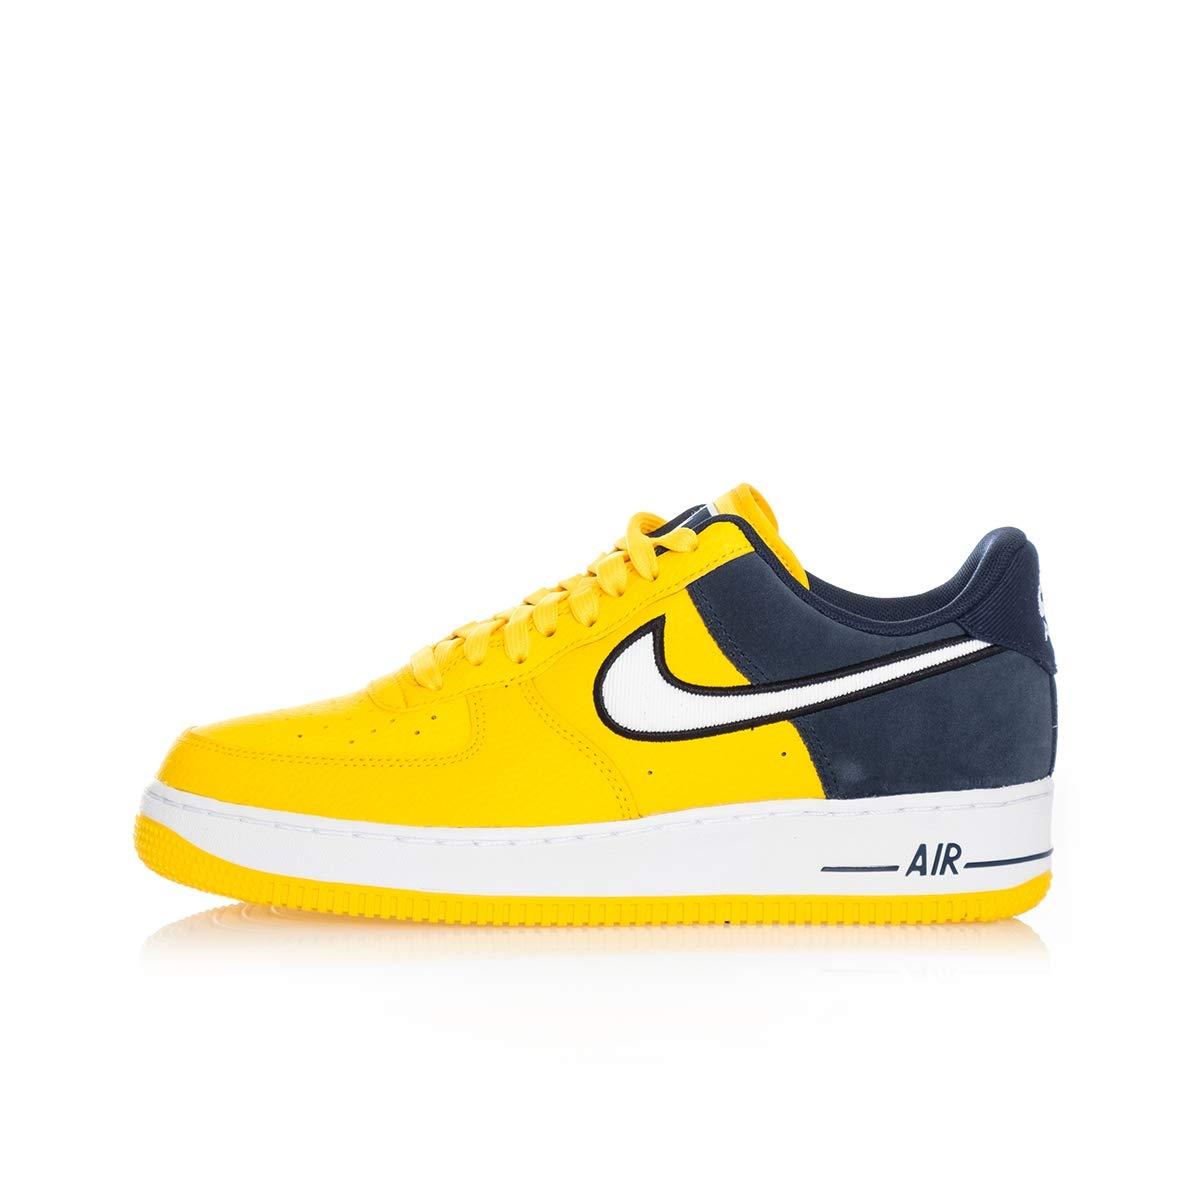 Nike , Herren Sneaker Gelb AmarilloWhite Obsidian Black